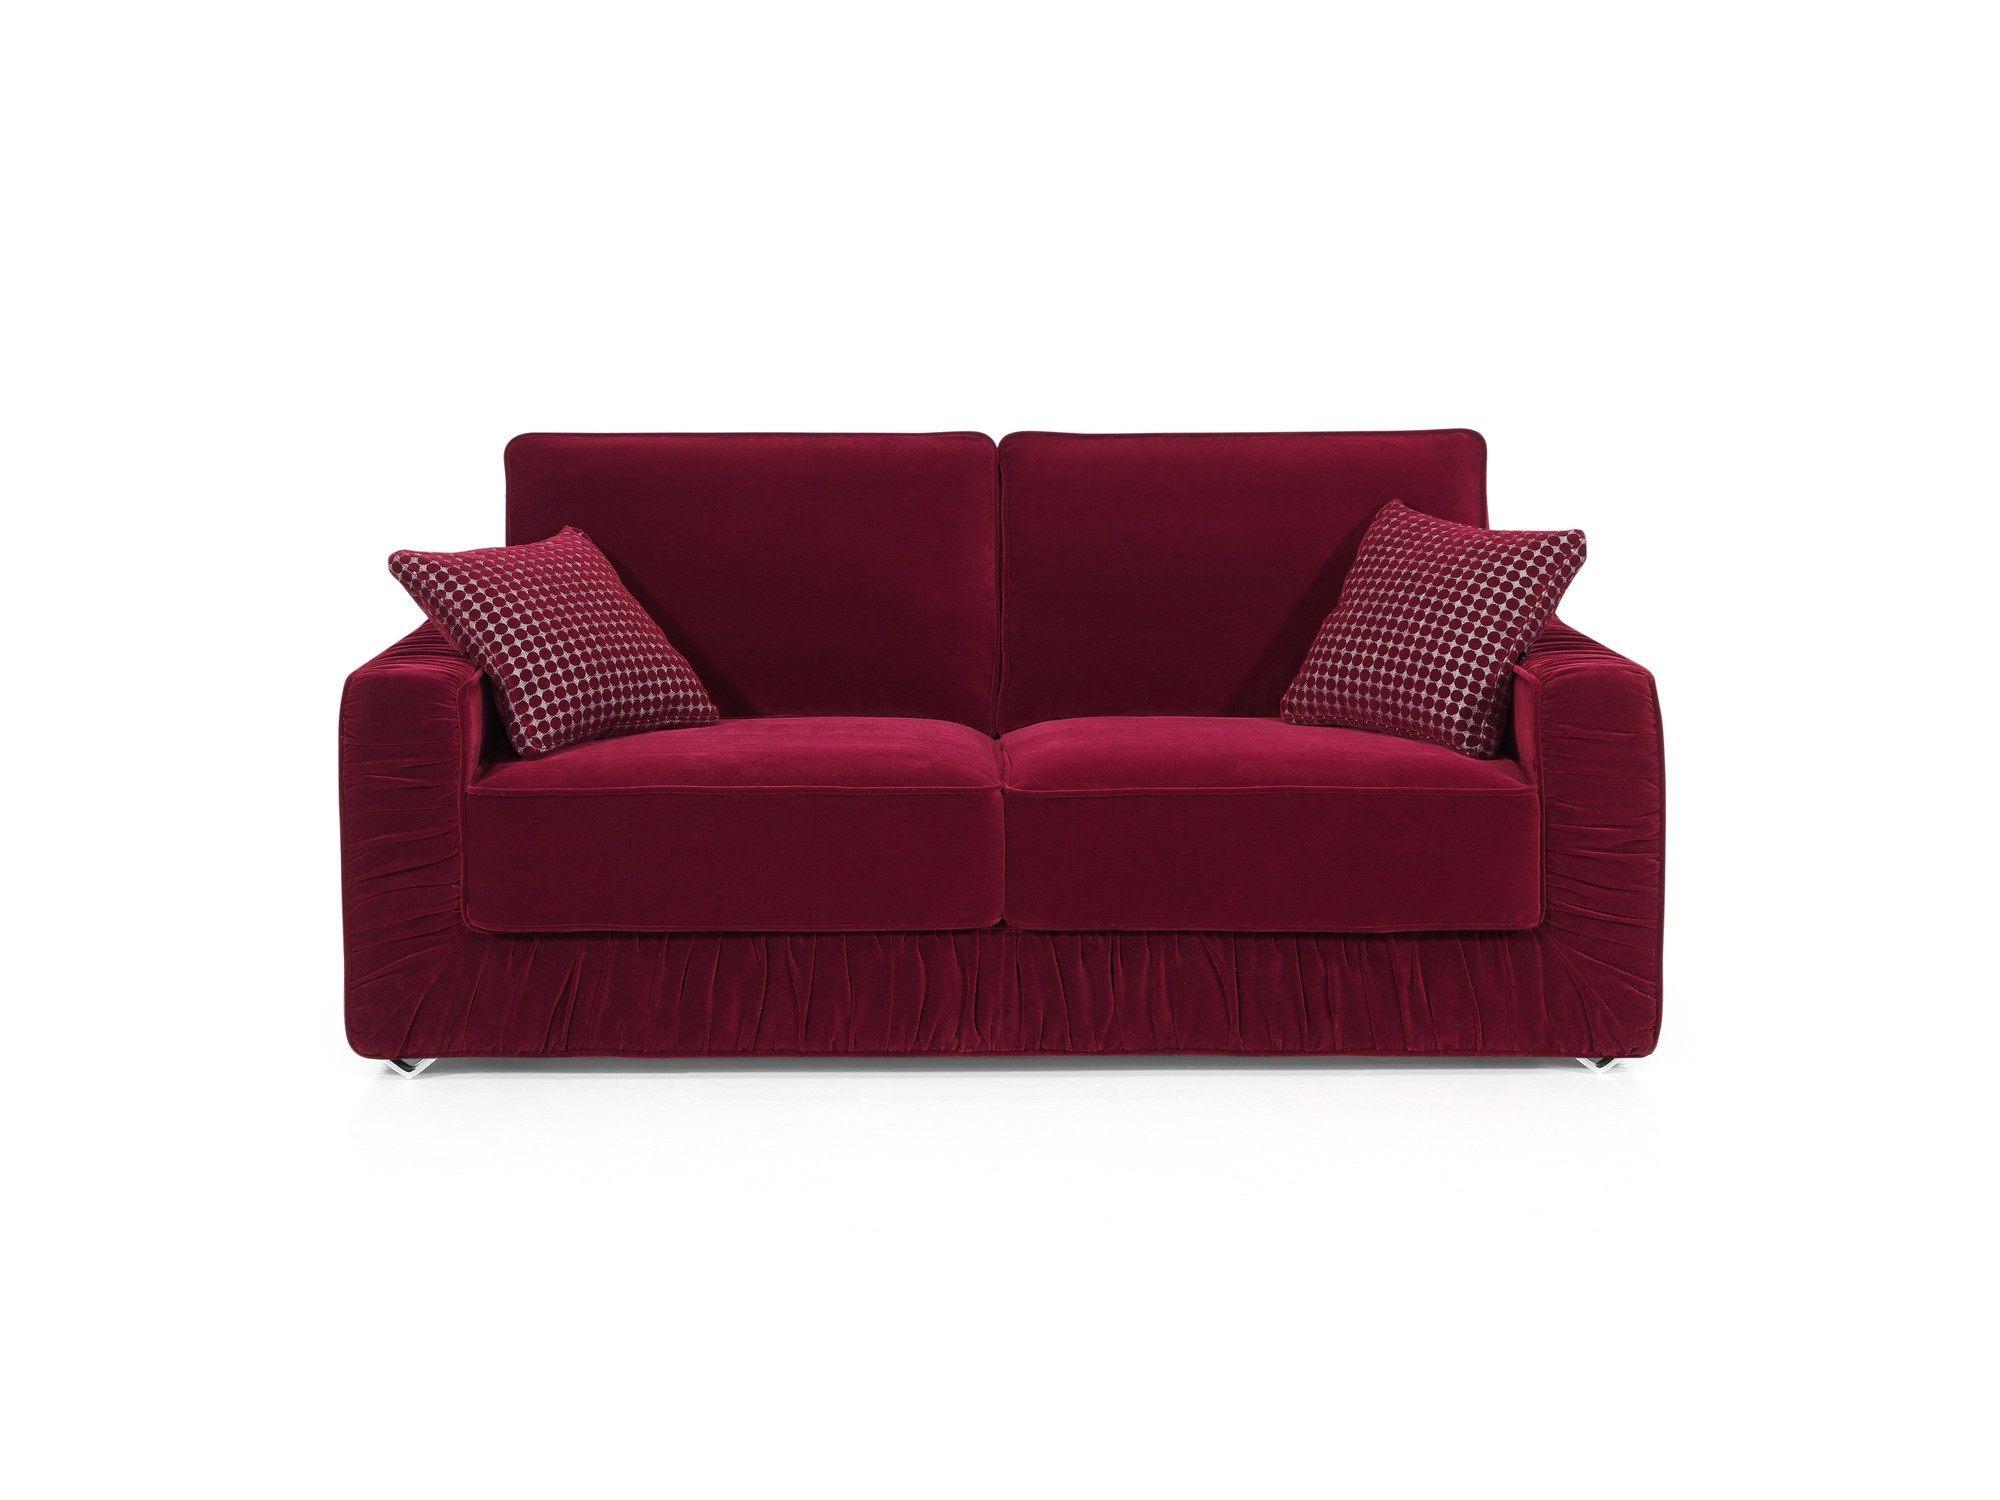 Lit Superposé 3 Places Charmant Joli Canapé Lit Rouge Avec Kivik Canapé 3 Places Orrsta Rouge Ikea